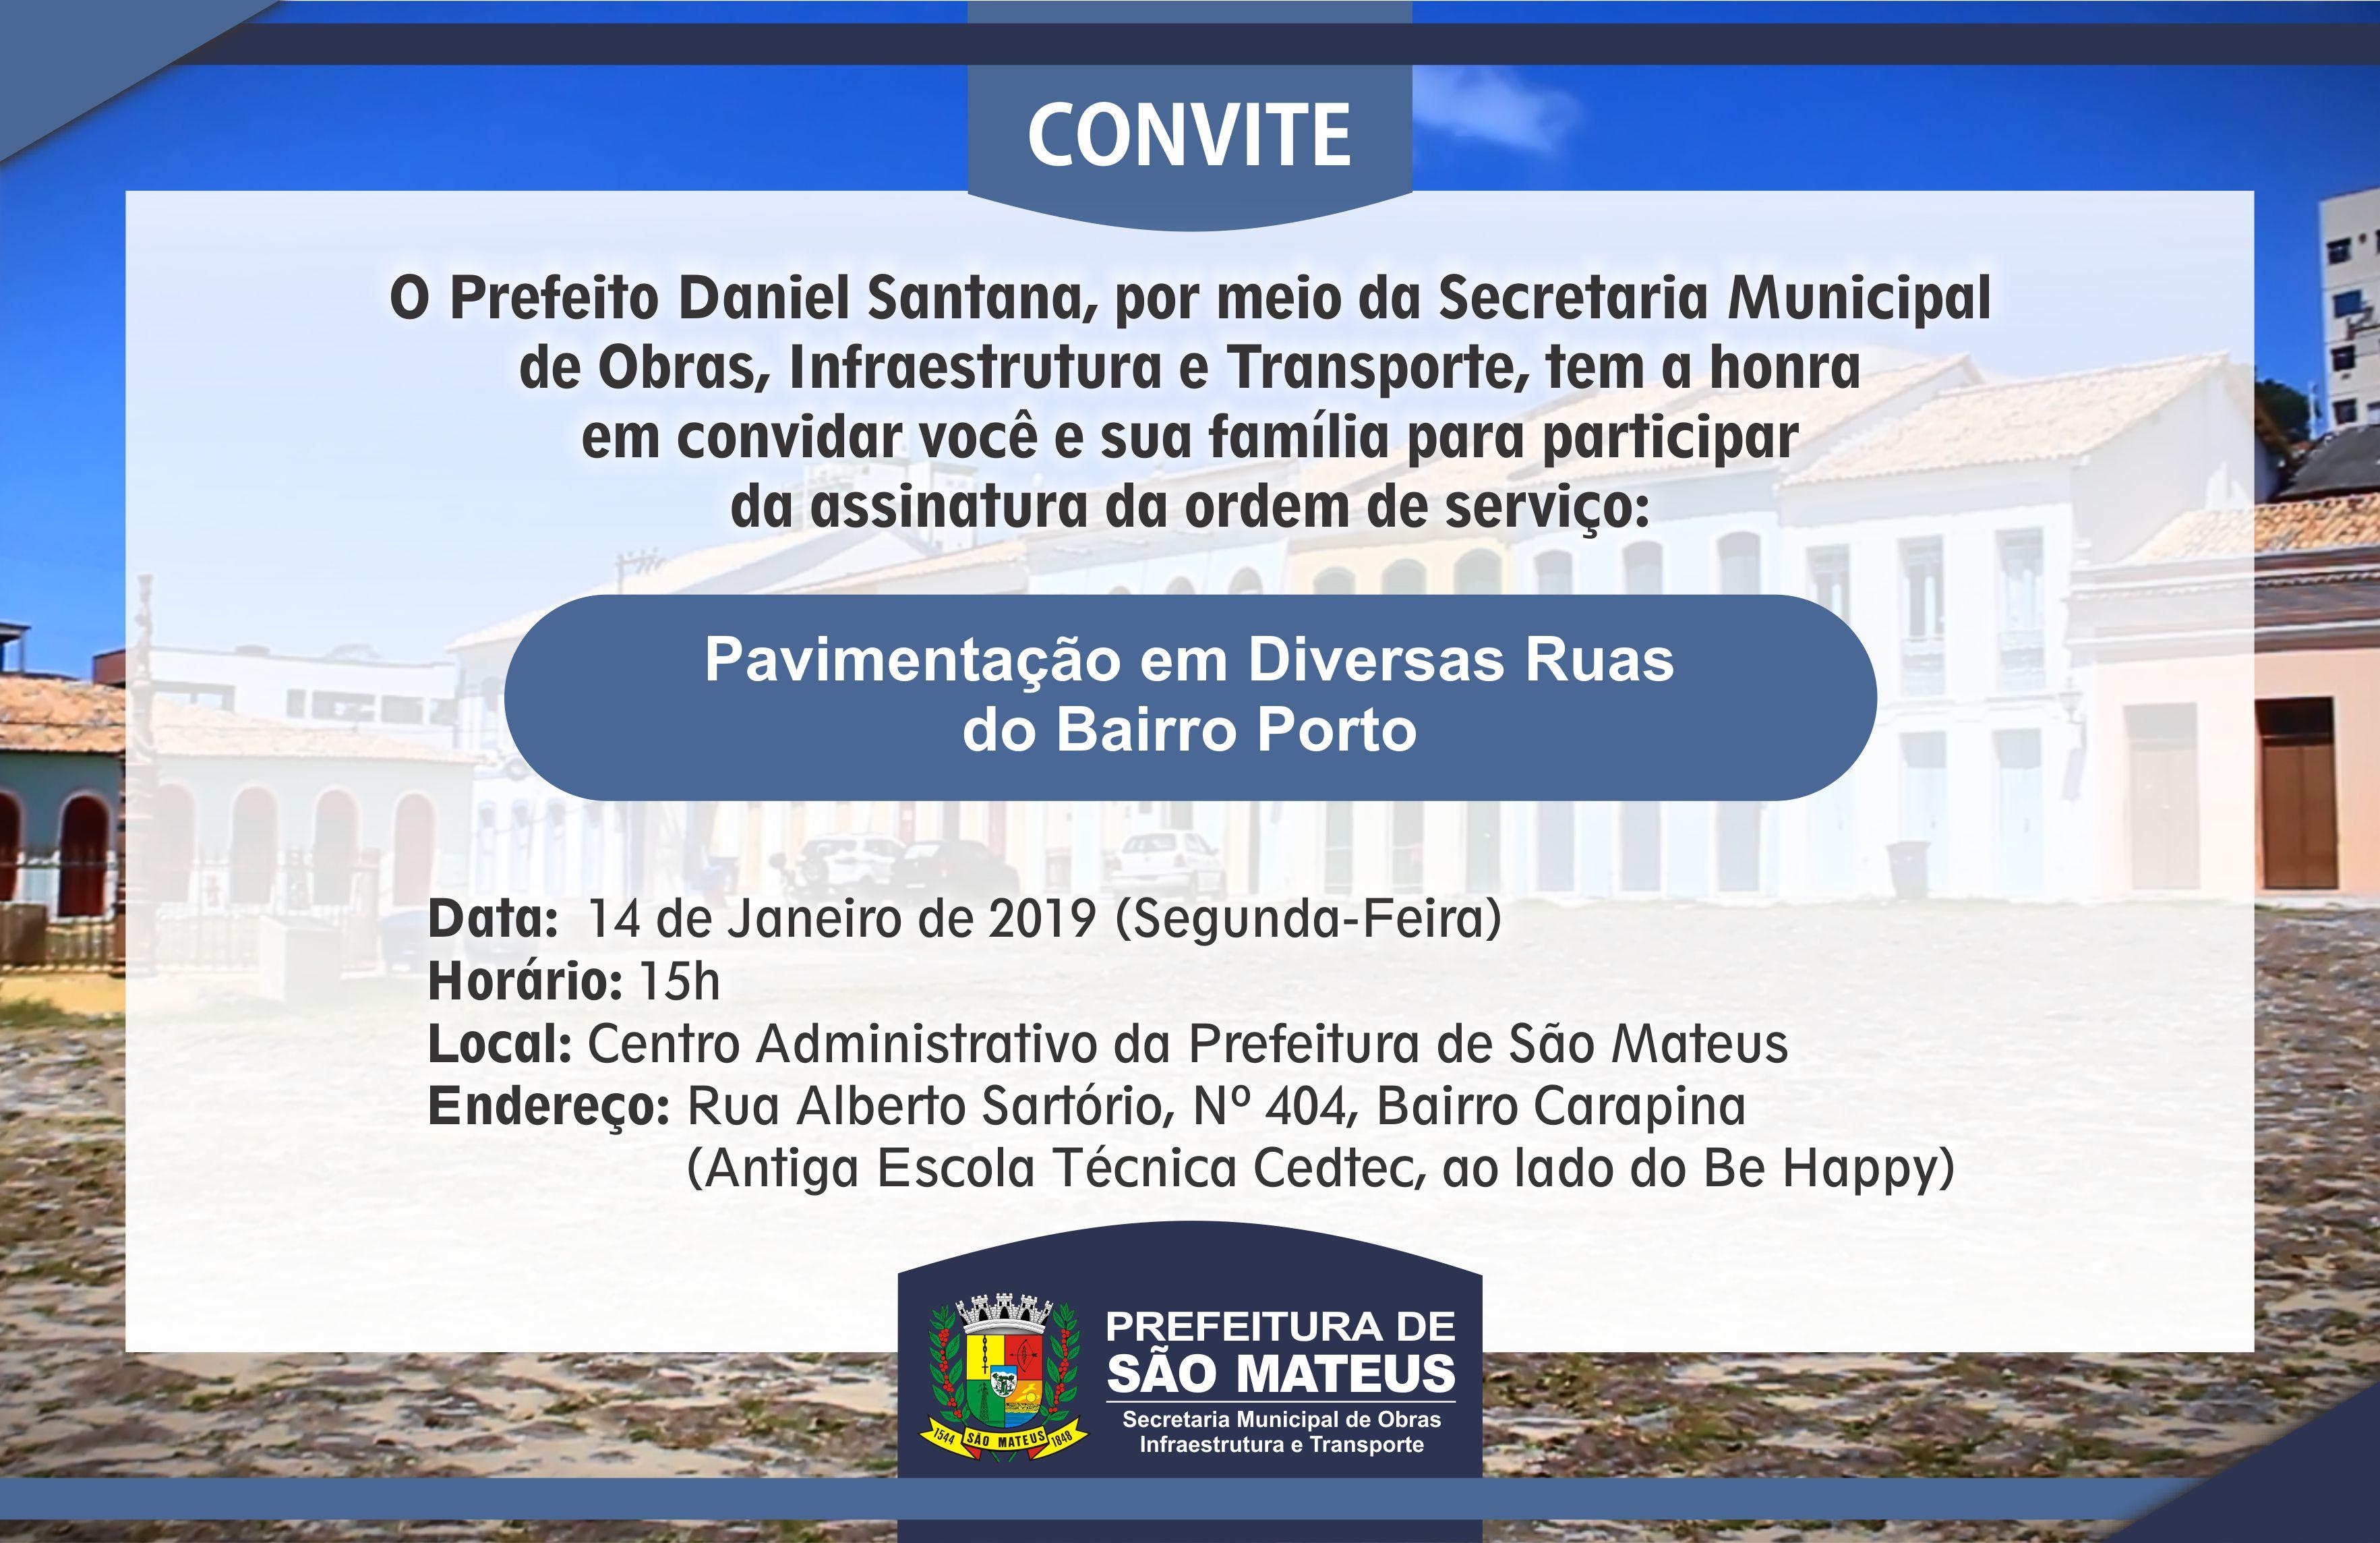 PMSM Convida a todos para Assinatura de Ordem de Serviço de Pavimentação de Diversas Ruas do Bairro Porto